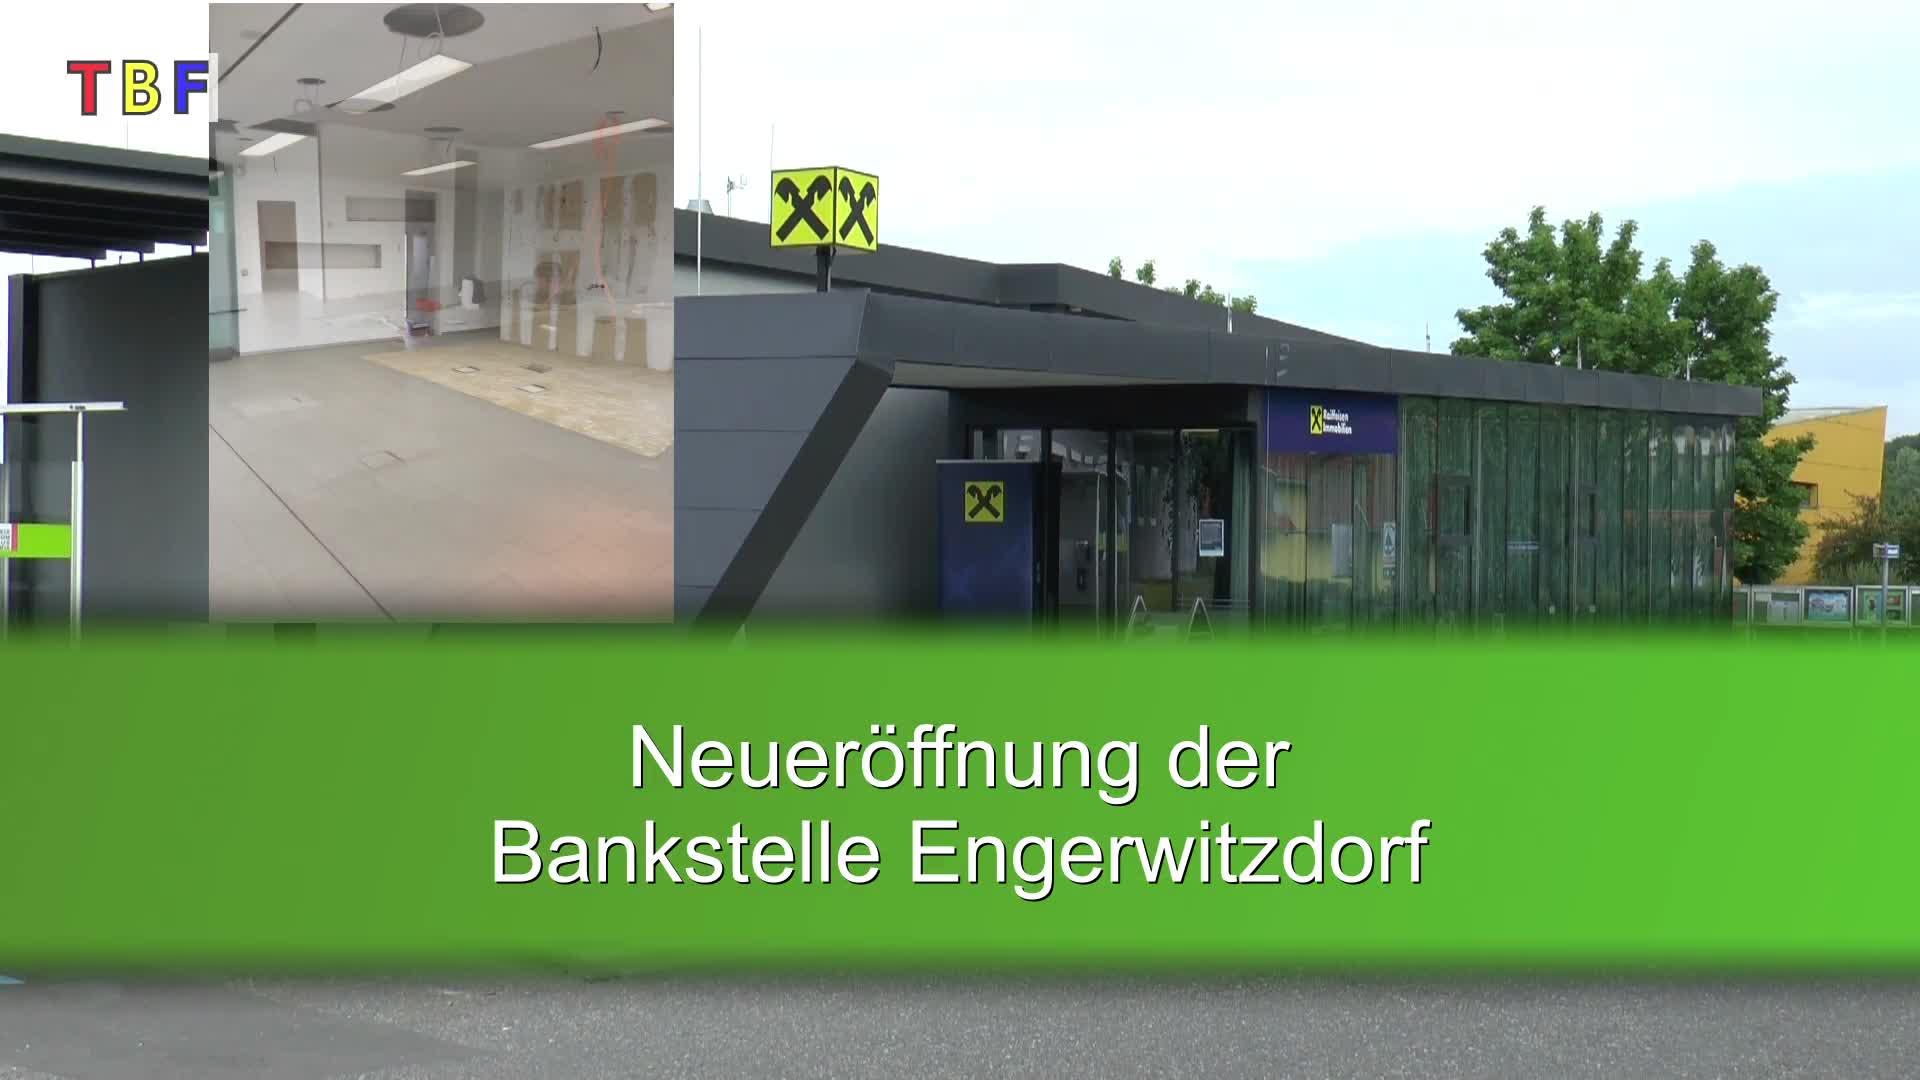 Neueröffnung - Bankstelle Engerwitzdorf